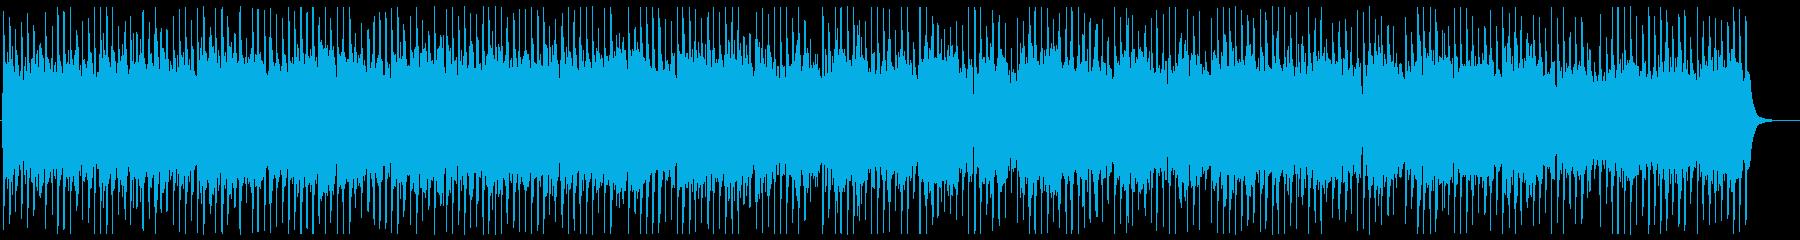 沖縄系ヒーリングBGM(ギターソロなし)の再生済みの波形